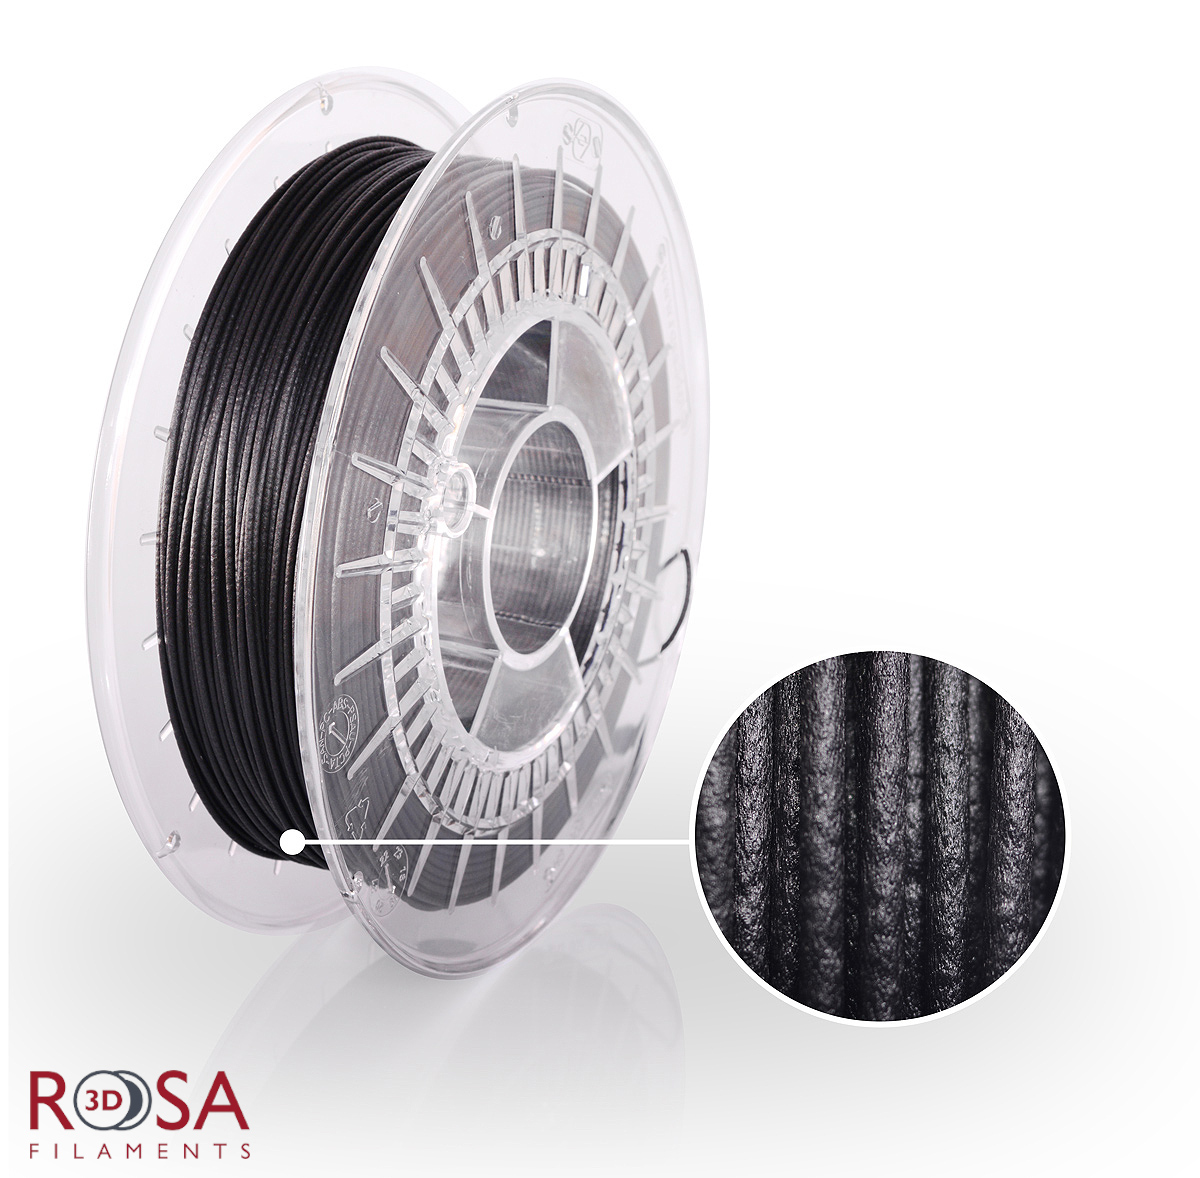 Filament ROSA 3D